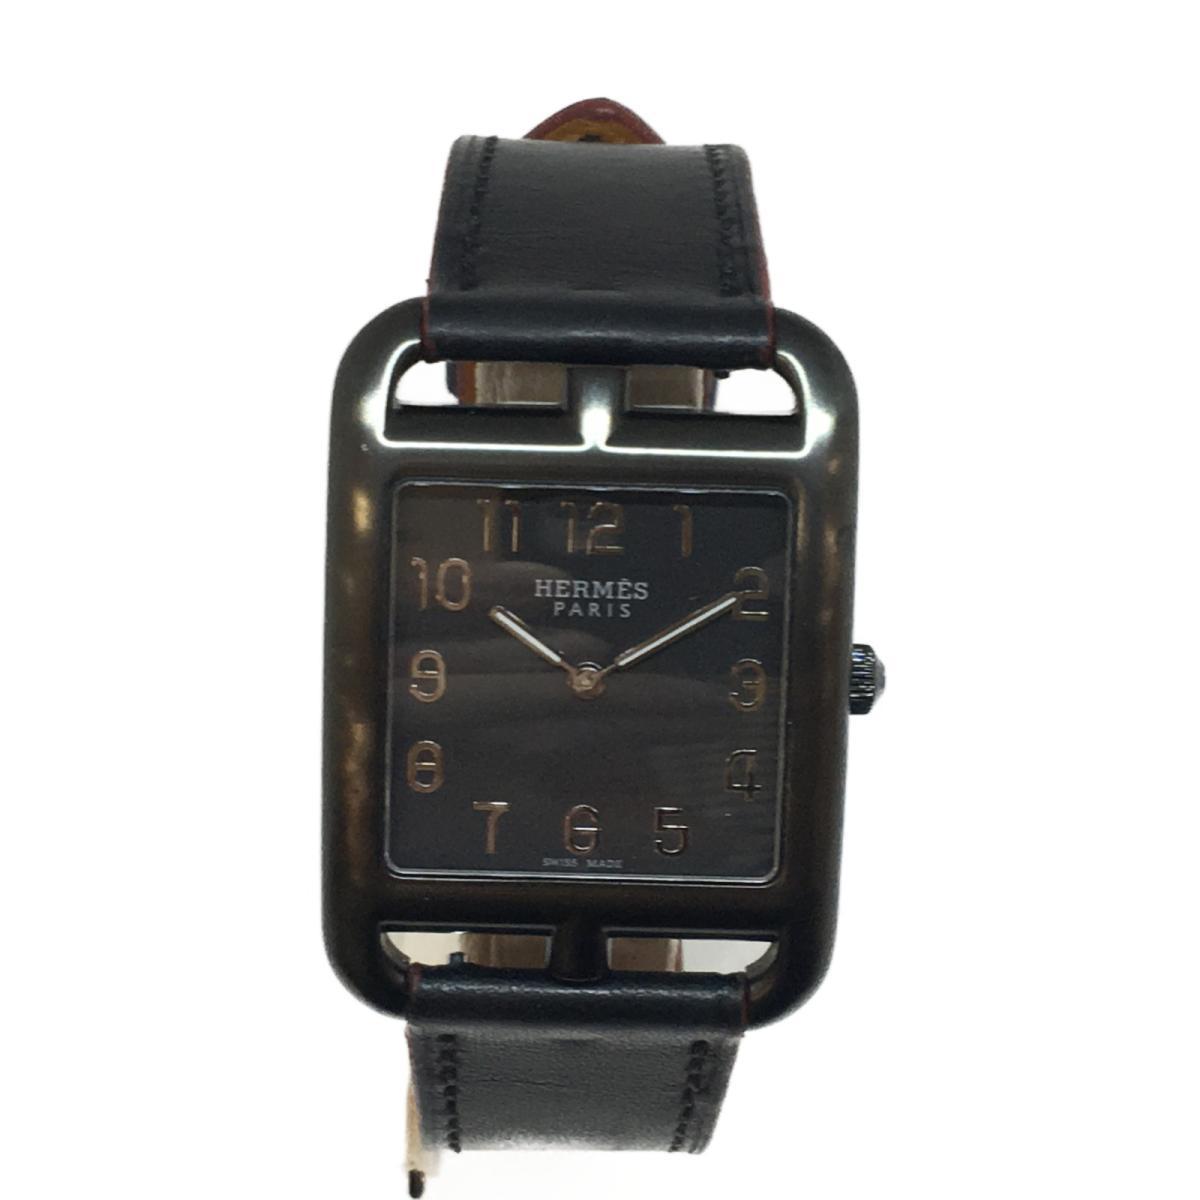 【中古】 エルメス ケープコッドGMシャドウ 腕時計 ウォッチ メンズ ステンレススチール (SS)レザー (CC3.711) | HERMES BRANDOFF ブランドオフ ブランド ブランド時計 ブランド腕時計 時計